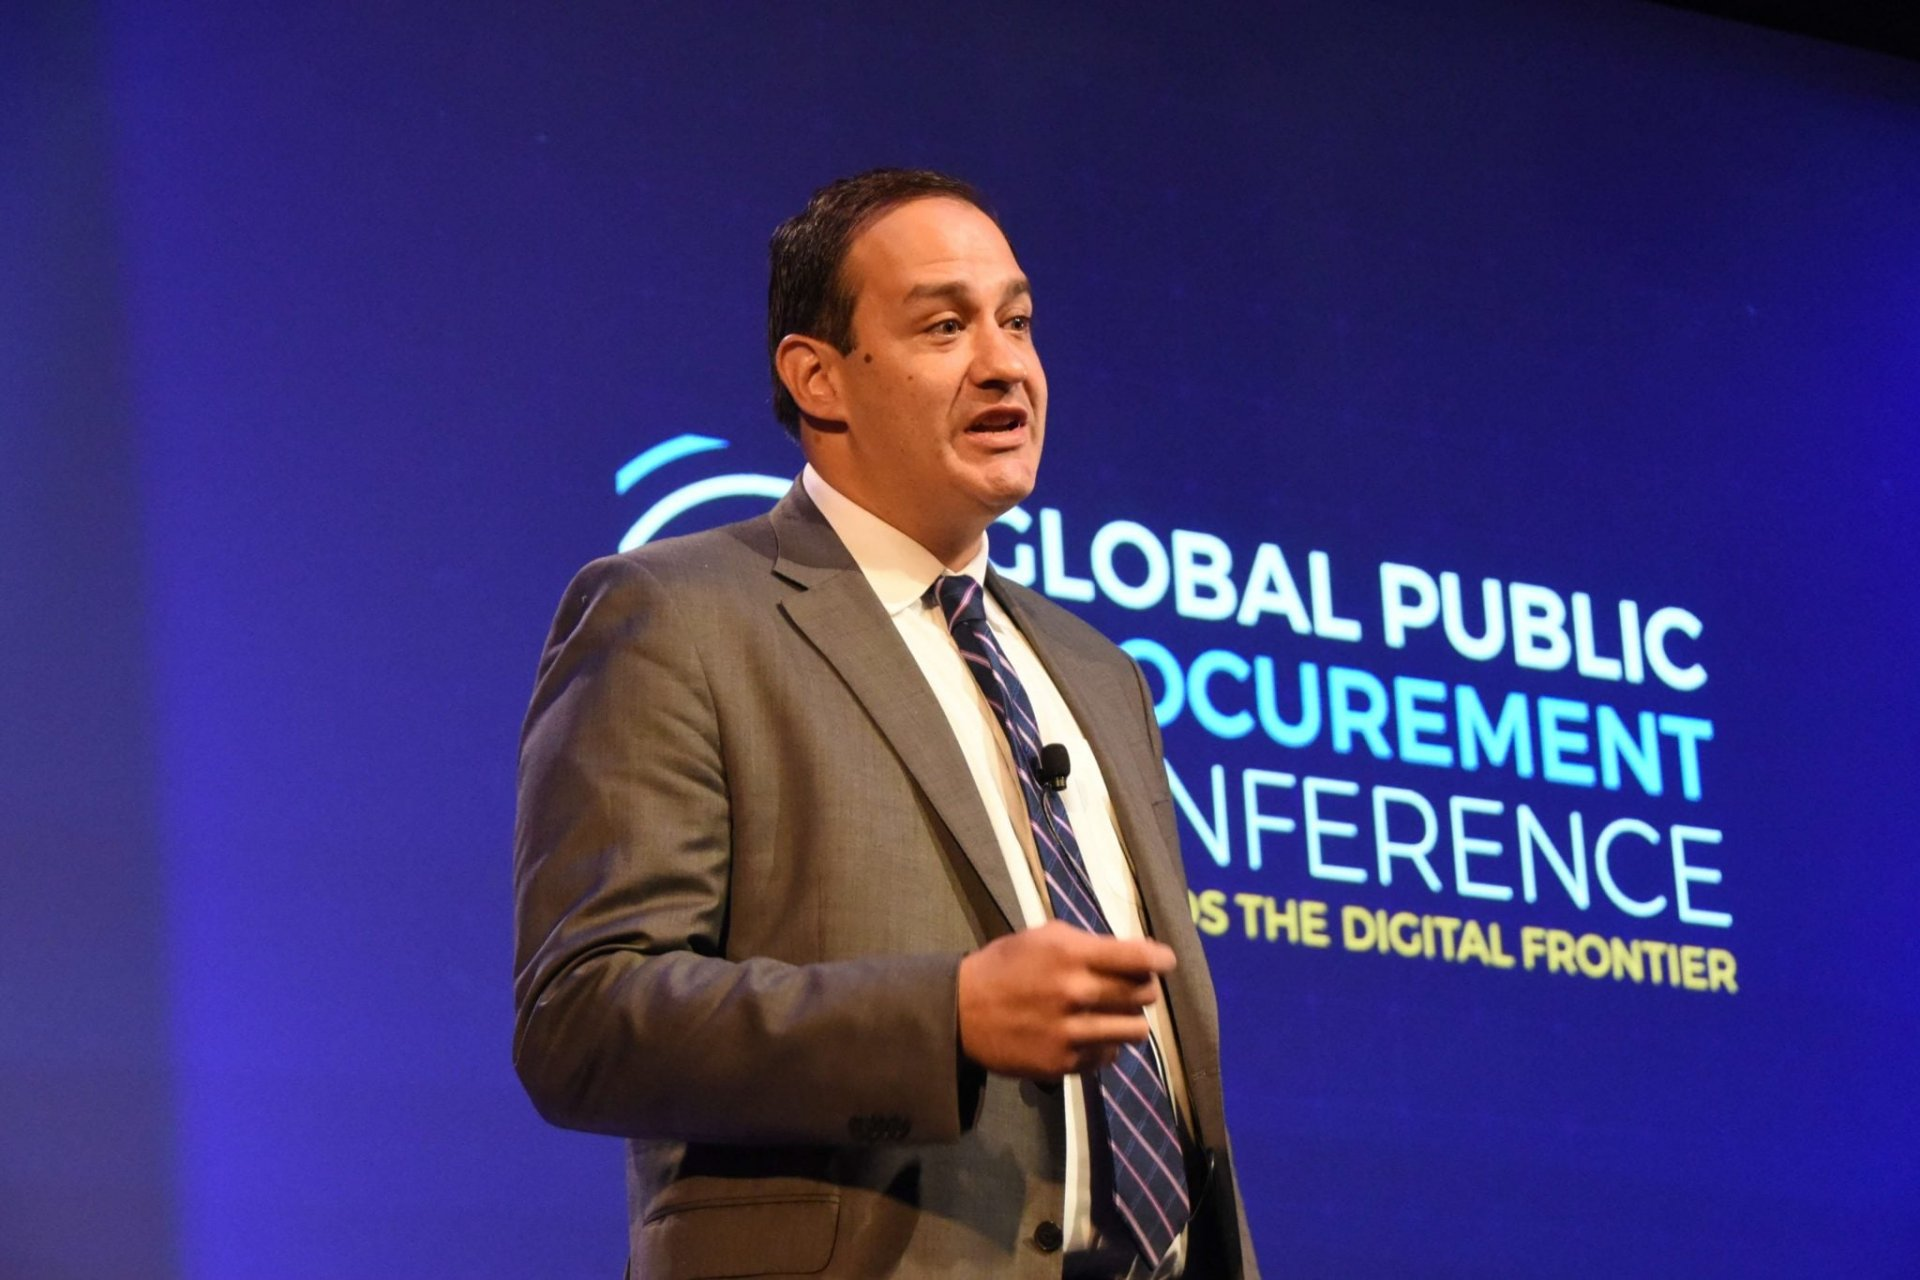 Global Public Procurement Conference Part 2 – Transformers